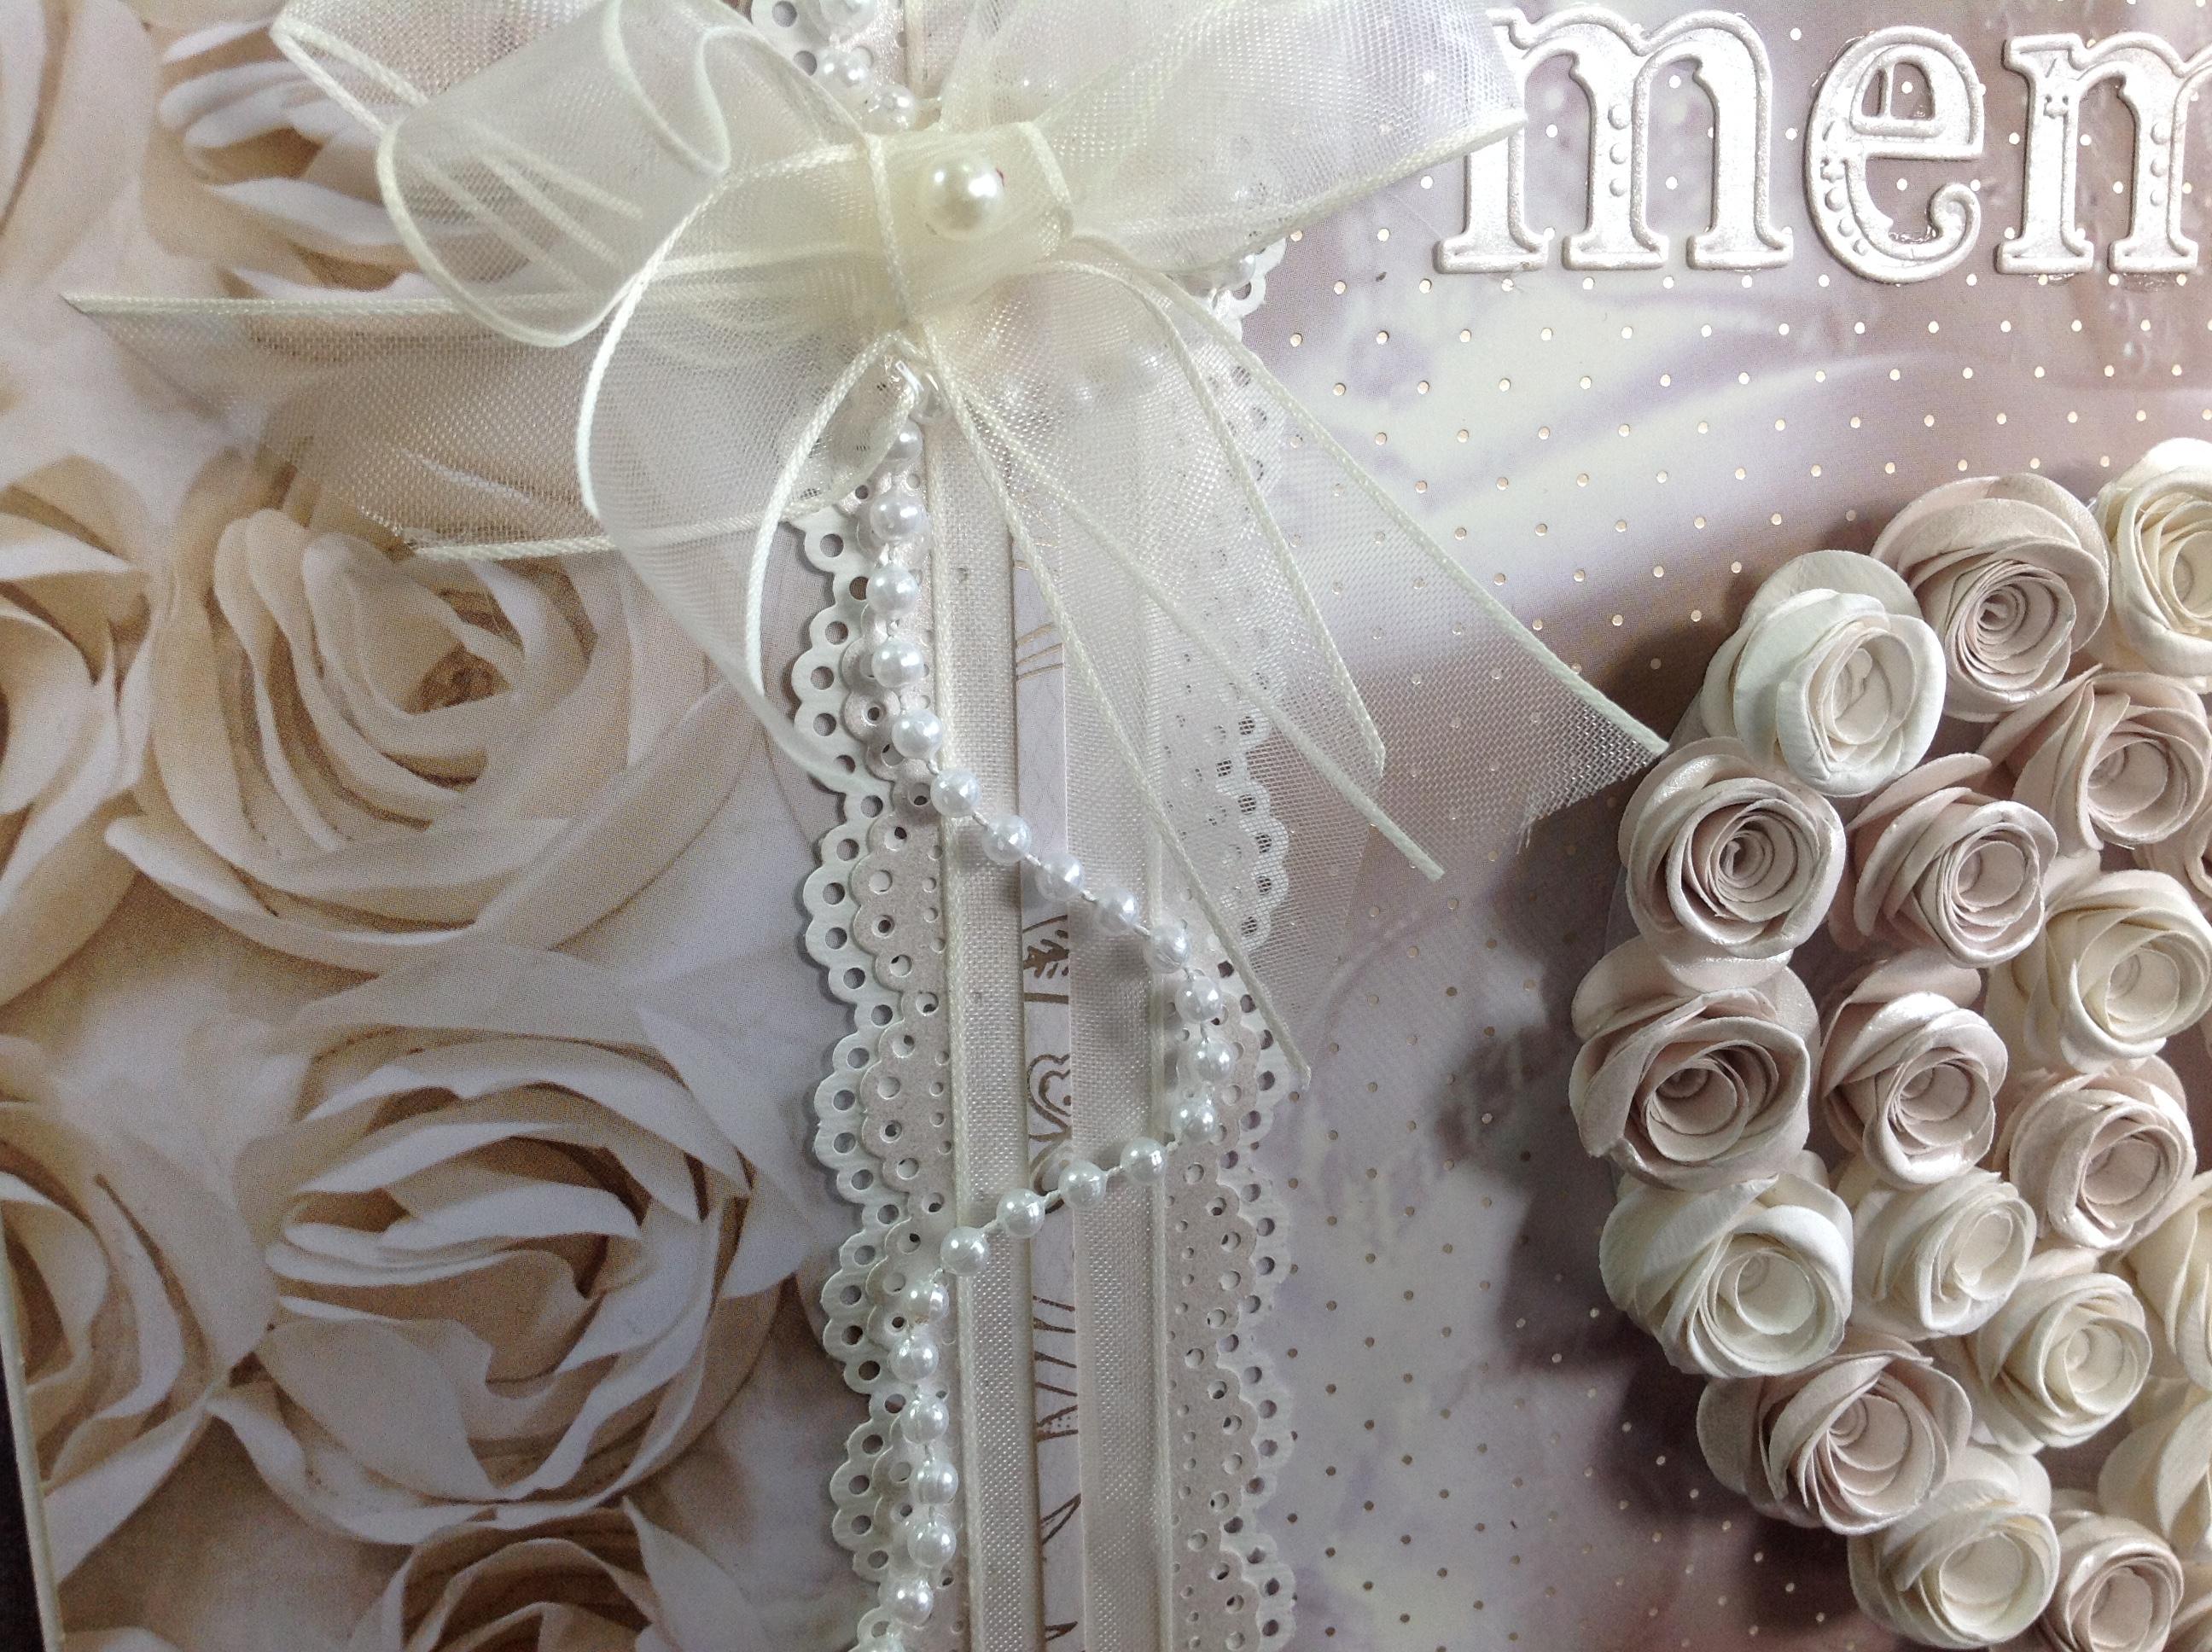 album libro de firmas para boda corazon con rosas (8)